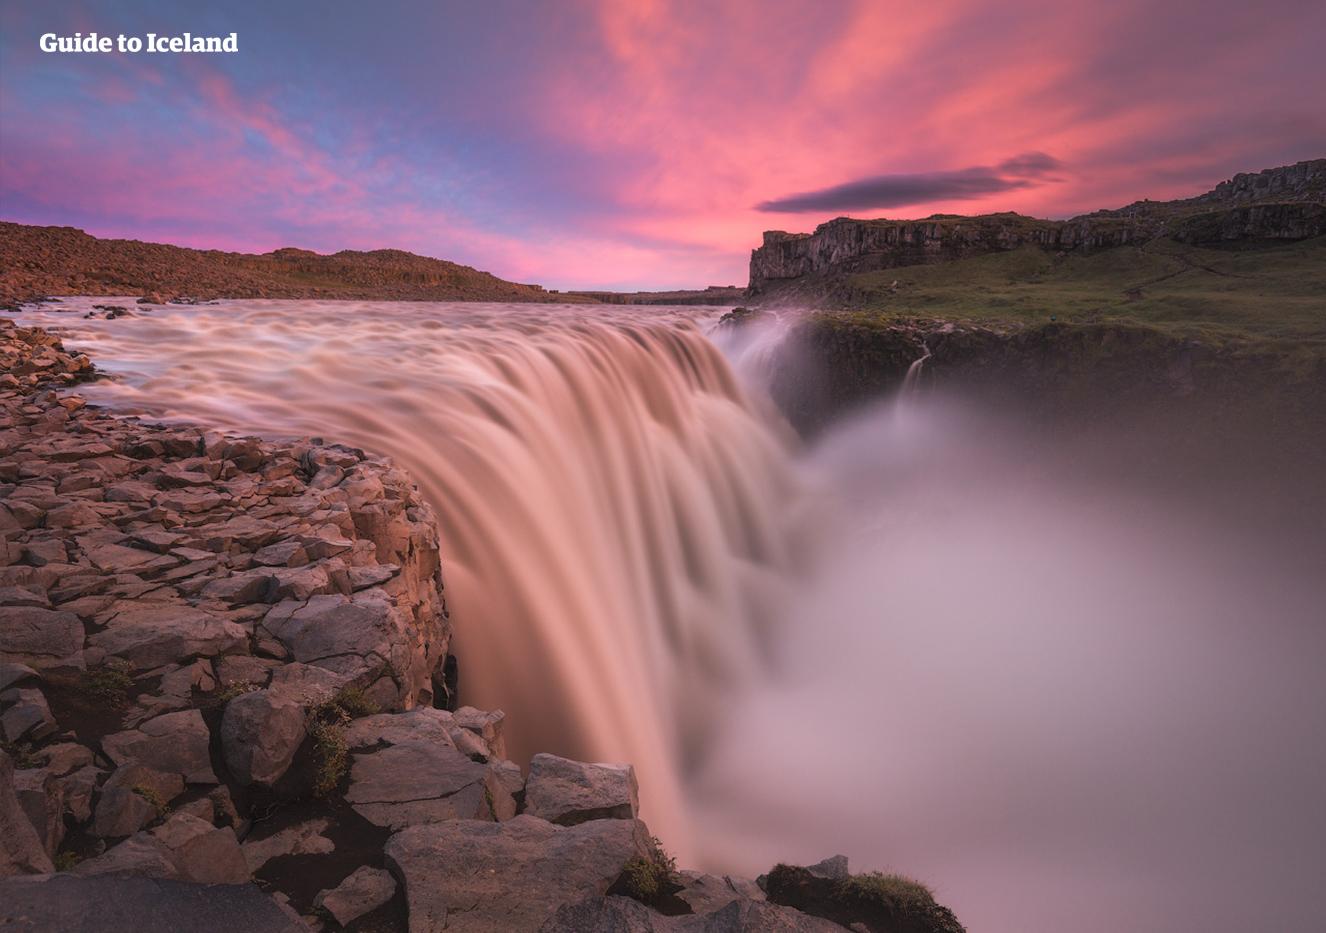 유럽에서 유량이 가장 세다고 알려진 신비로운 분위기의 데티포스 폭포, 북부 아이슬란드에서 만날 수 있습니다.